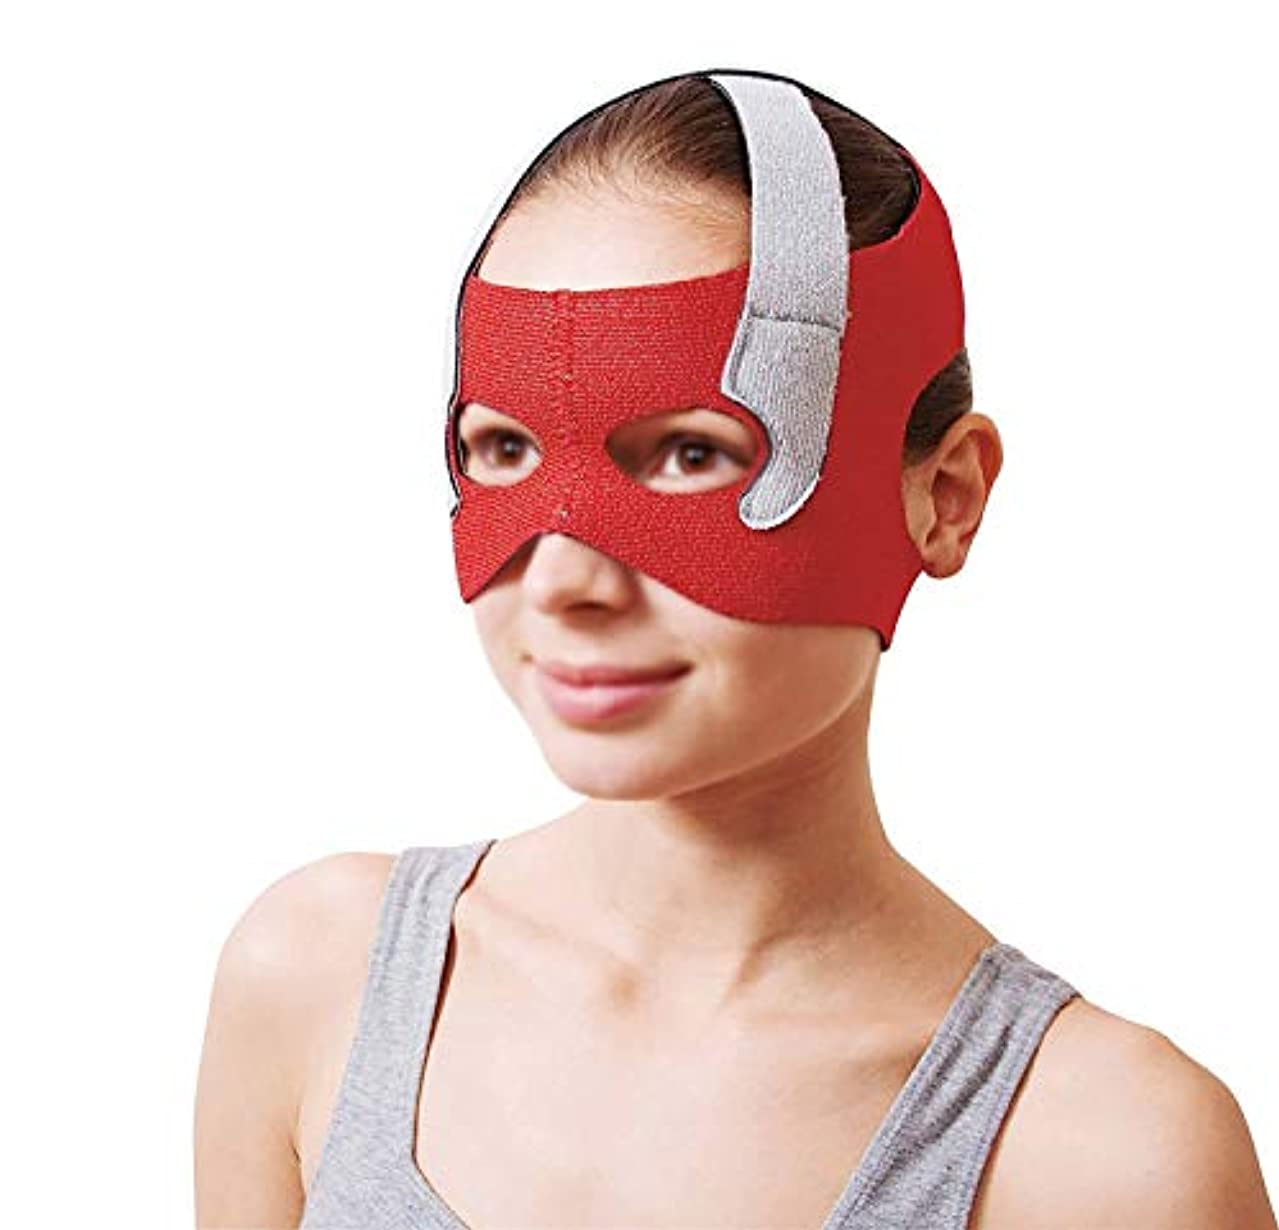 乳白乞食フルーツTLMY フェイシャルリフティングマスク回復包帯ヘッドギアマスクシンフェイスマスクアーティファクト美容ベルトフェイシャルとネックリフティングフェイシャル円周57-68 cm 顔用整形マスク